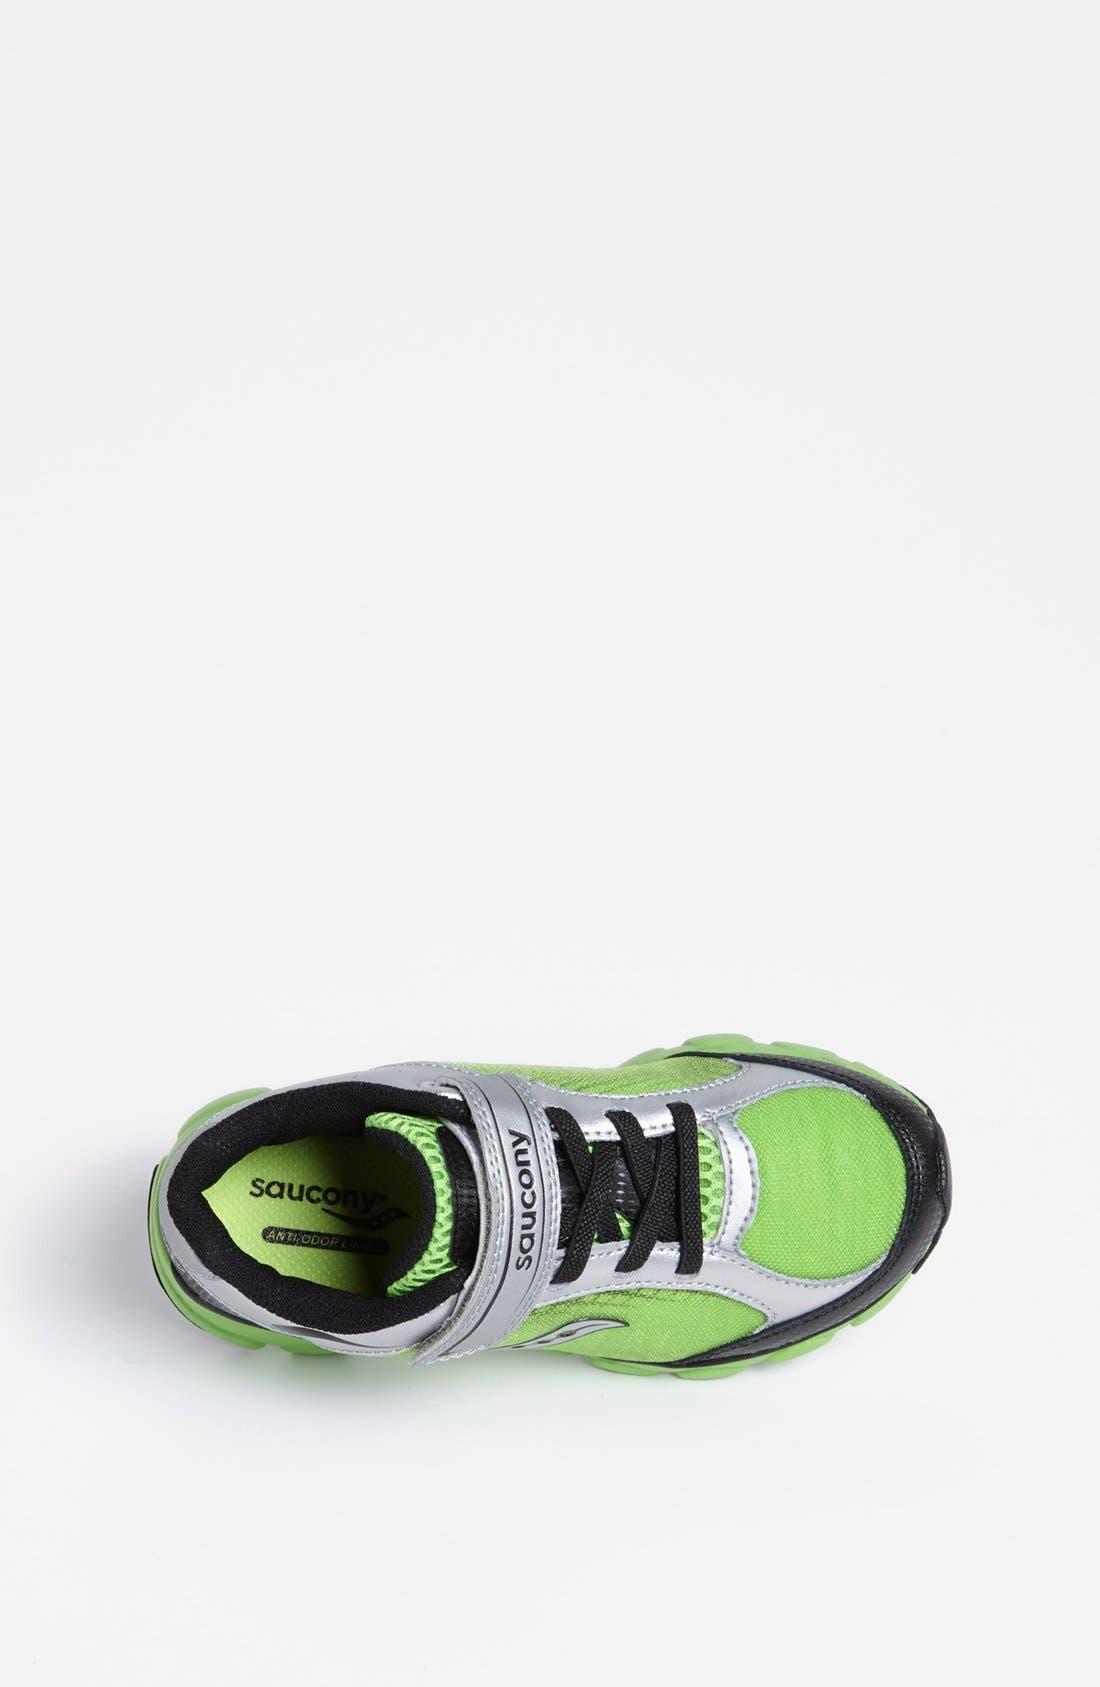 Alternate Image 3  - Saucony 'Virrata' Sneaker (Toddler & Little Kid)